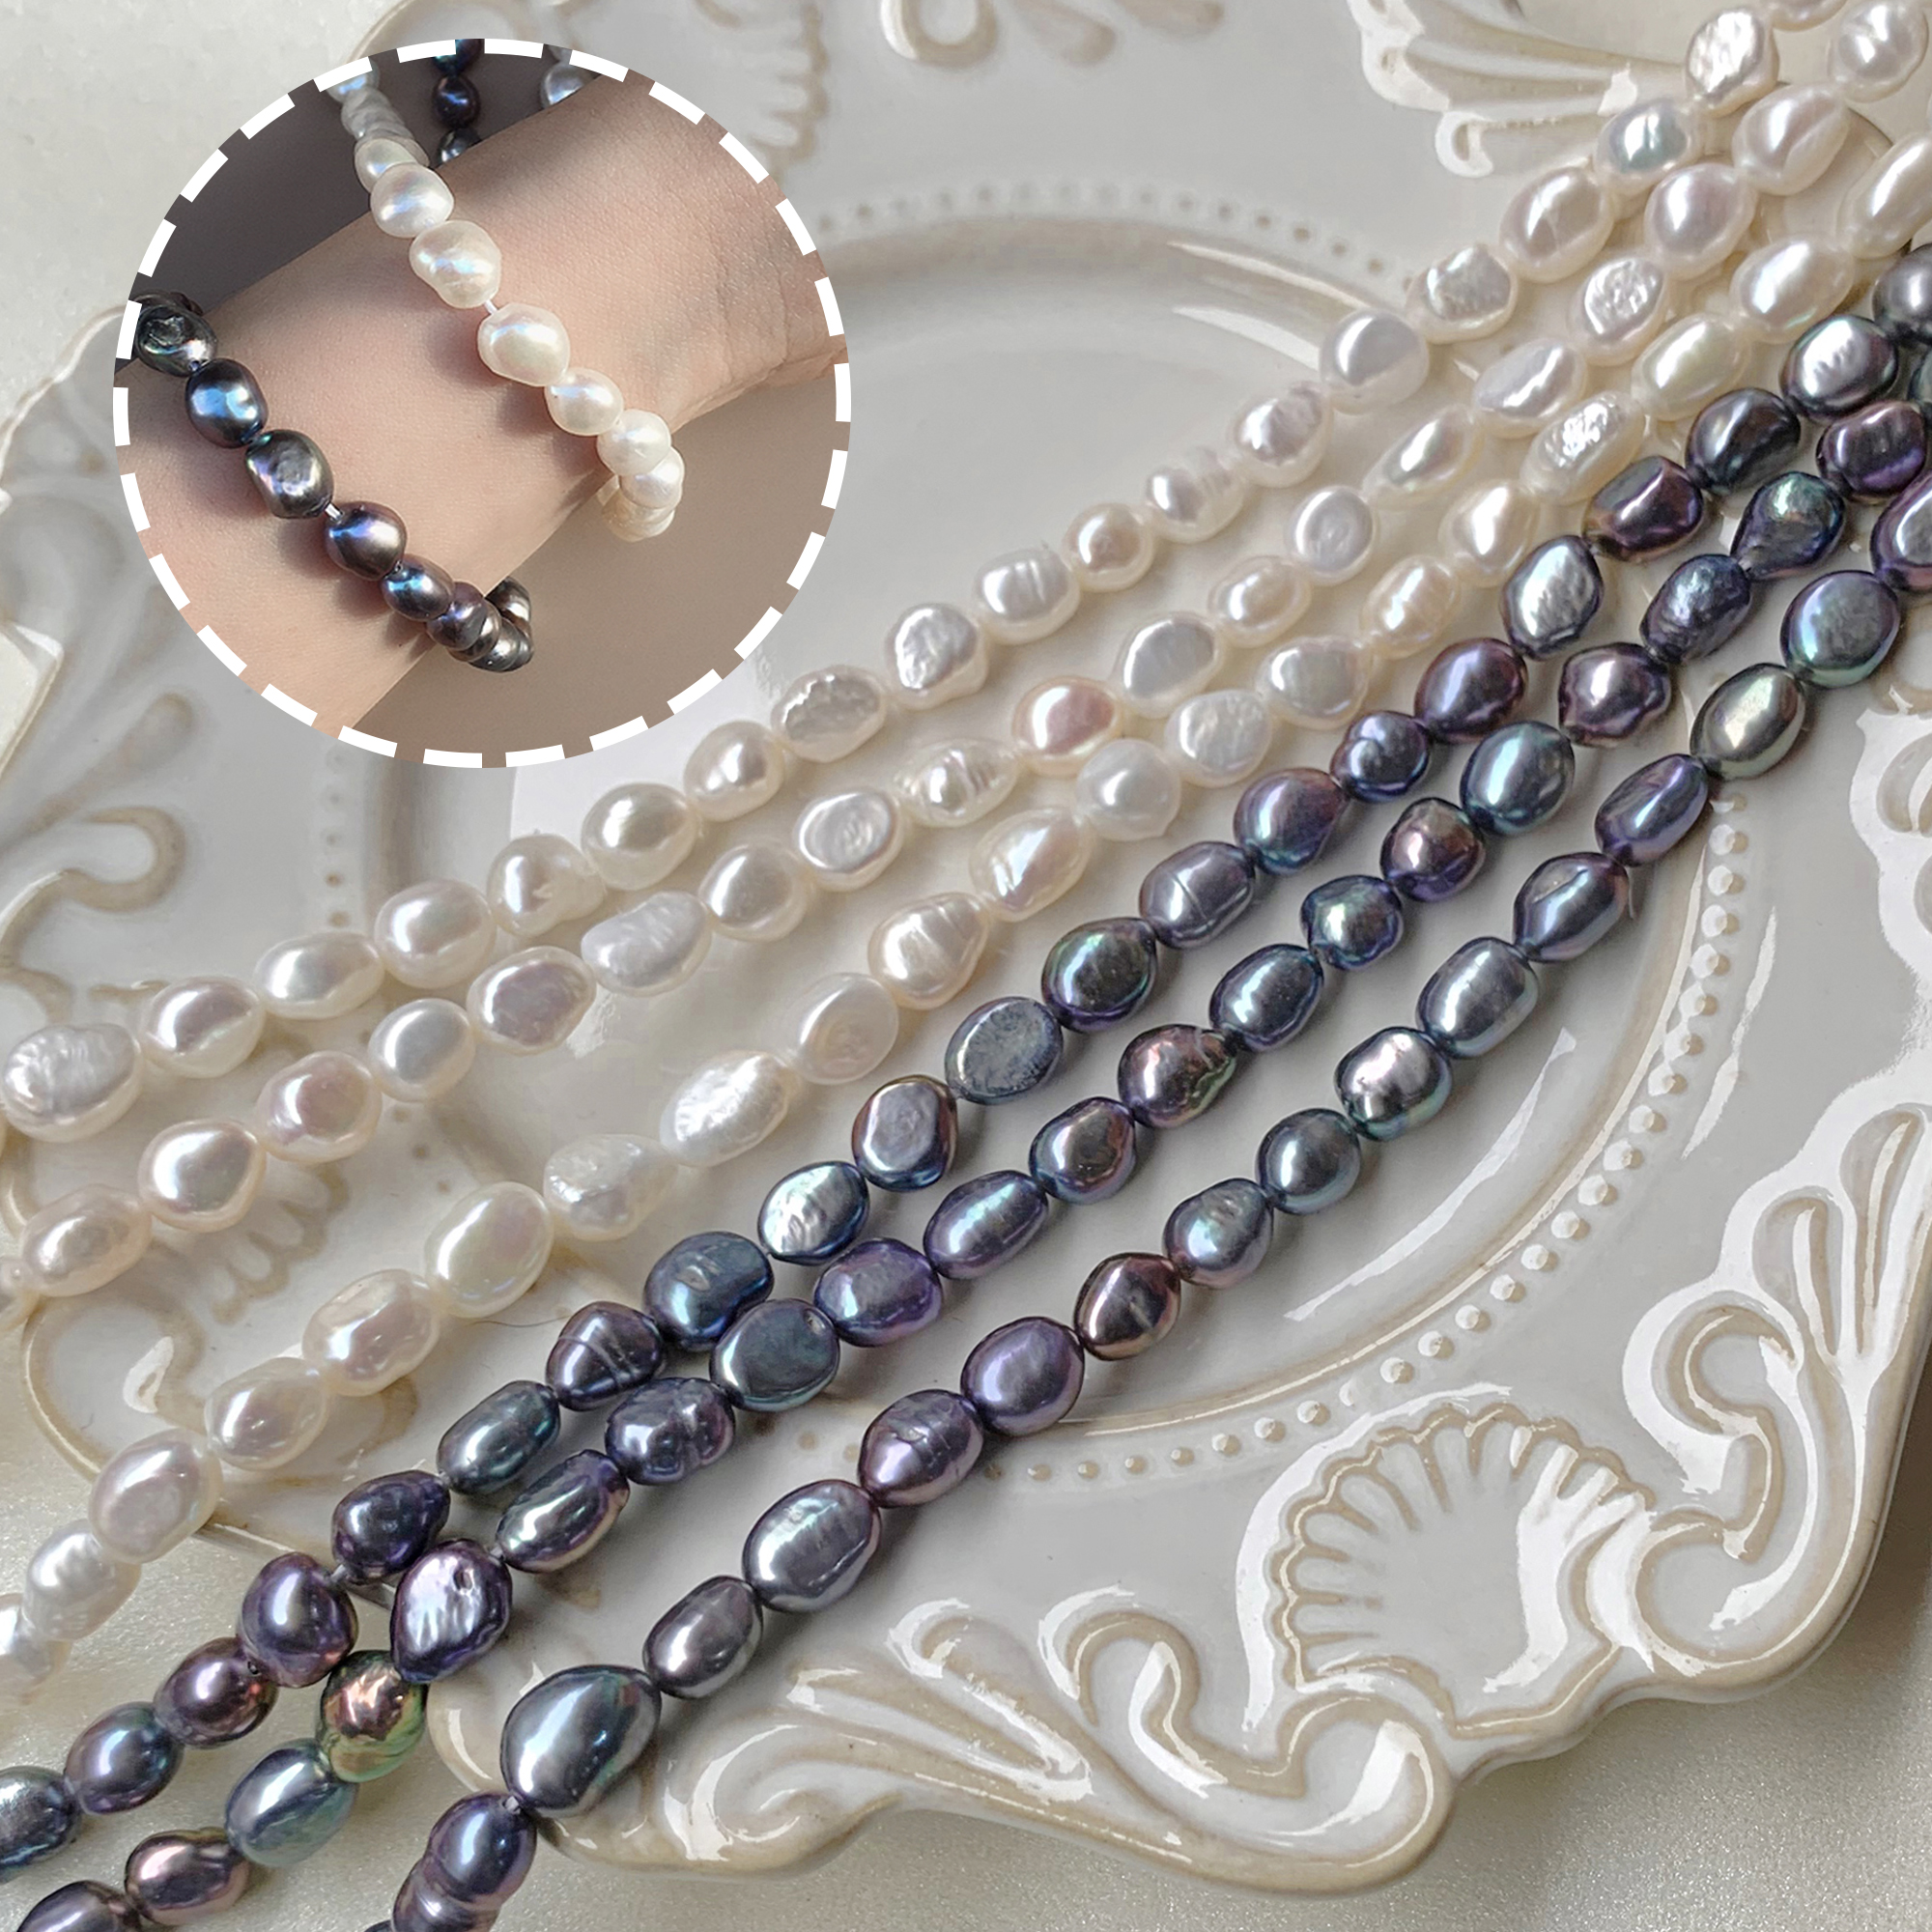 巴洛克7到8mm天然淡水珍珠散珠DIY手工项链手链发簪耳饰配件材料